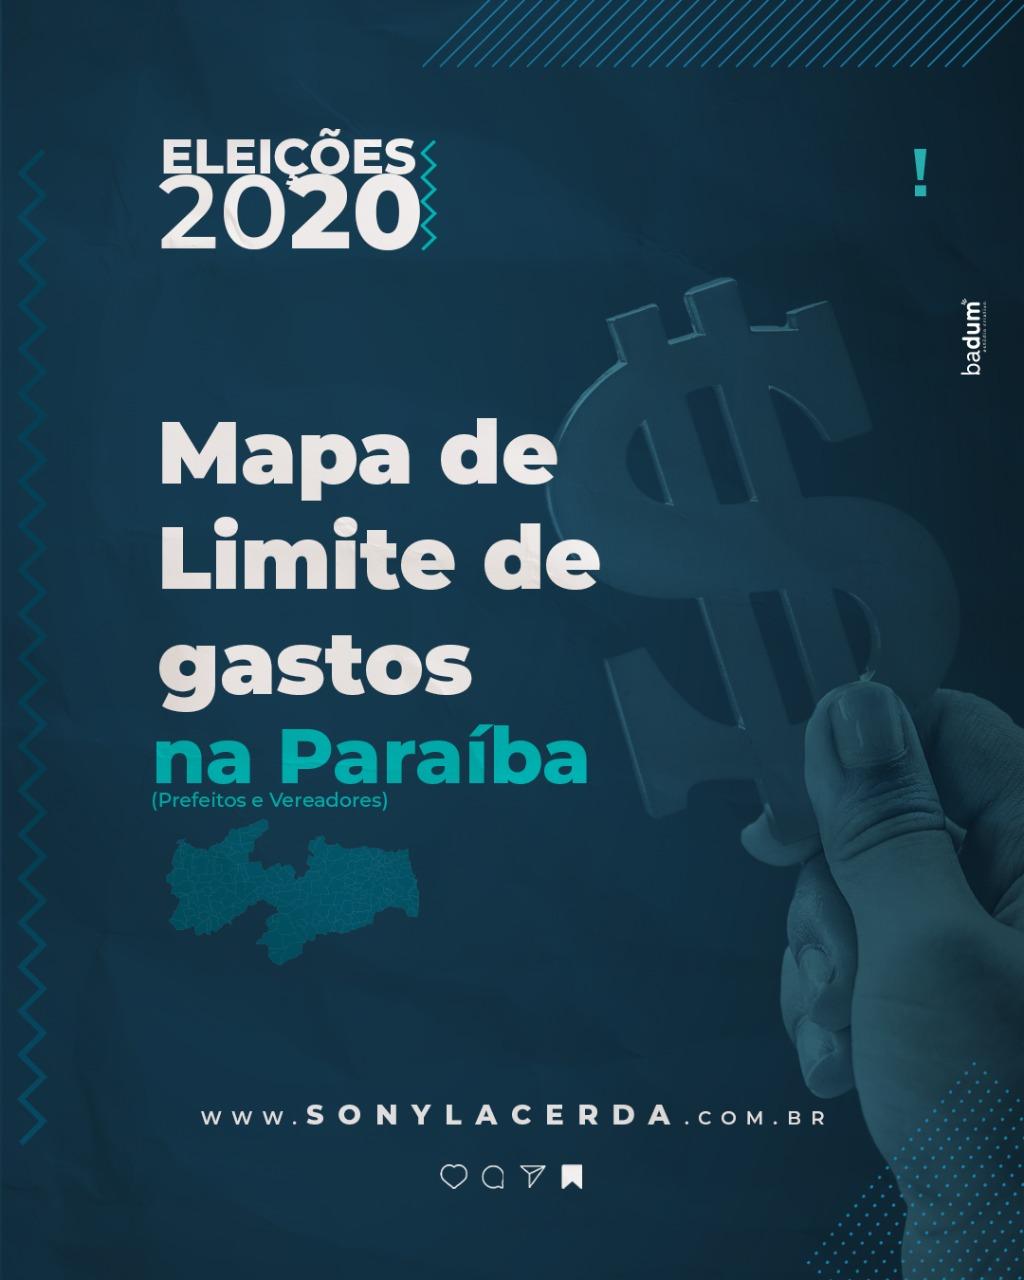 Saiba o limite de gastos dos candidatos a prefeito